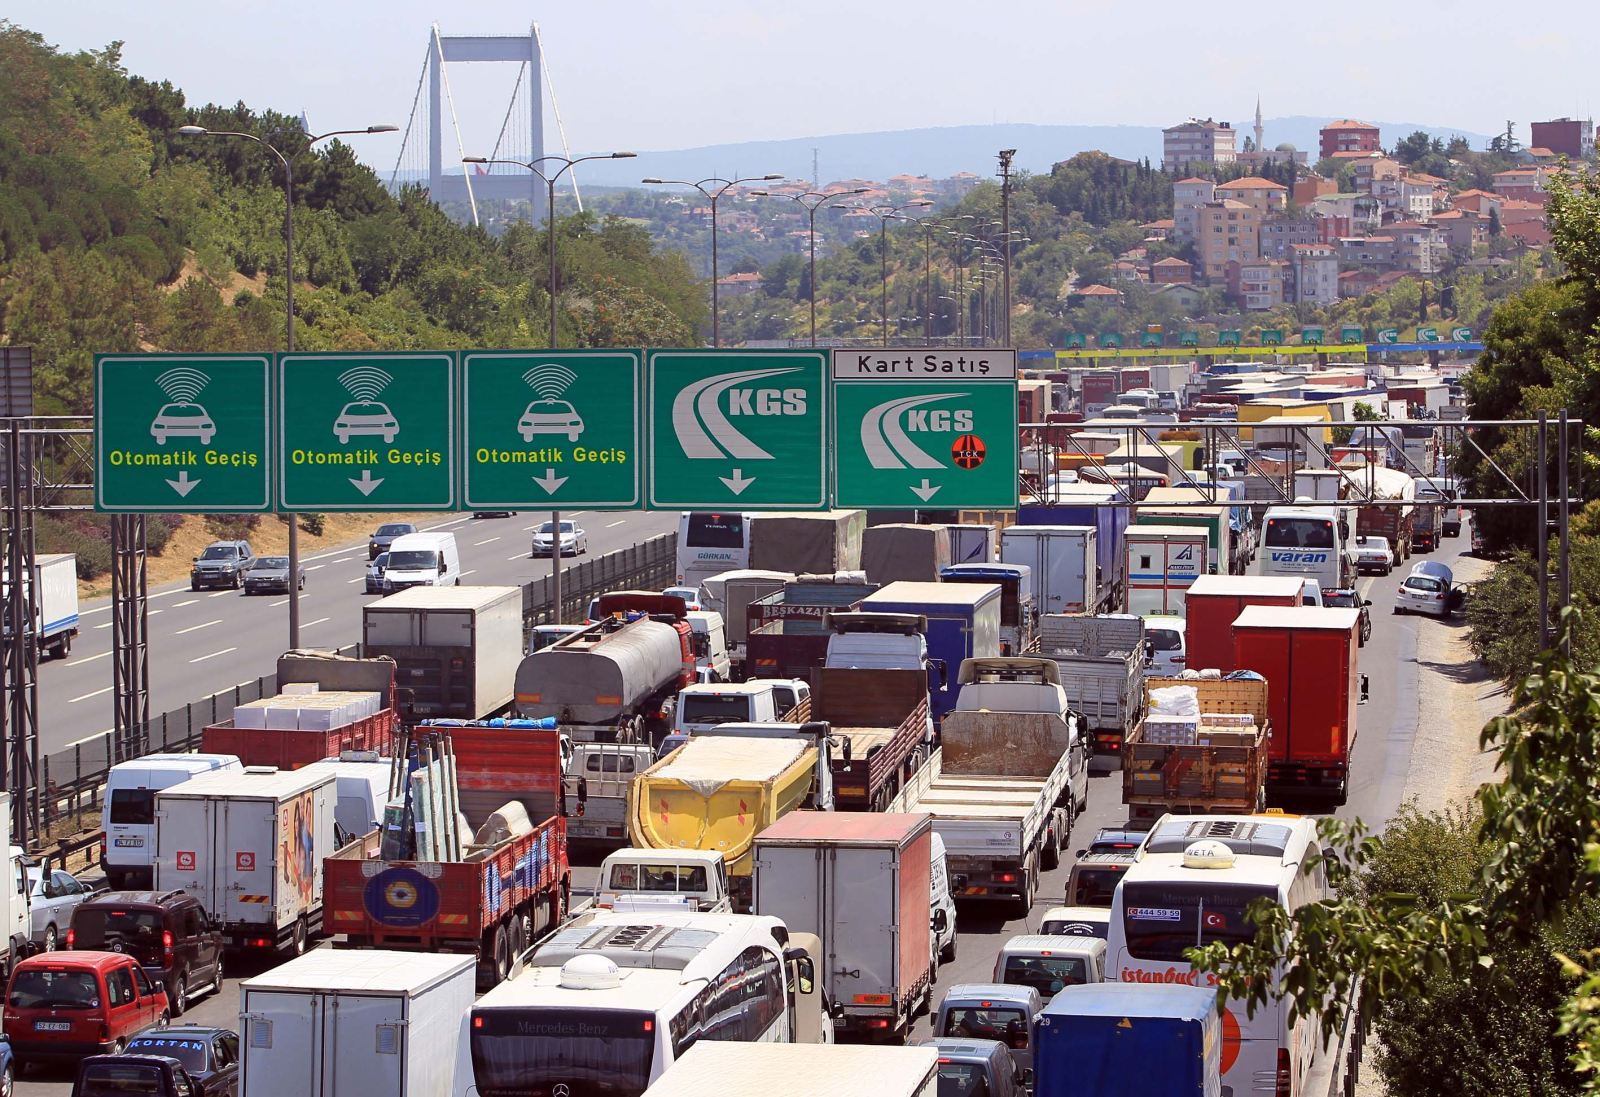 Kurban Bayramında otoyol ve köprüler ücretsiz mi 2021? İşte Kurban Bayramı ücretsiz otoyollar, köprüler...